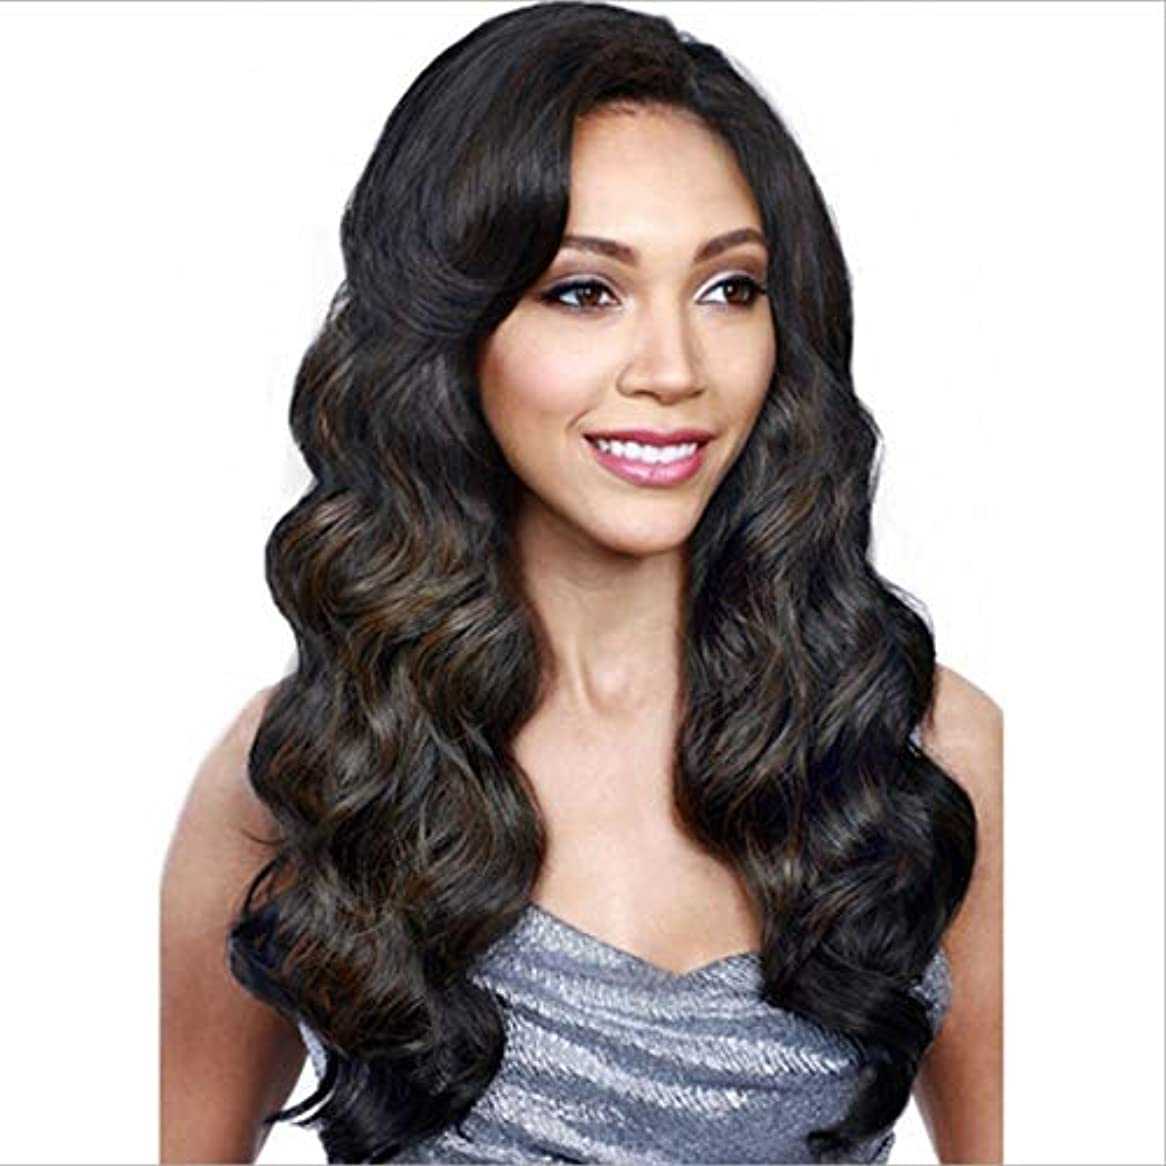 物思いにふけるスパークエジプトSummerys 女性のための長い巻き毛の層状の耐熱性合成毛髪のかつらを分けてヘアセンターで合成女性のかつら